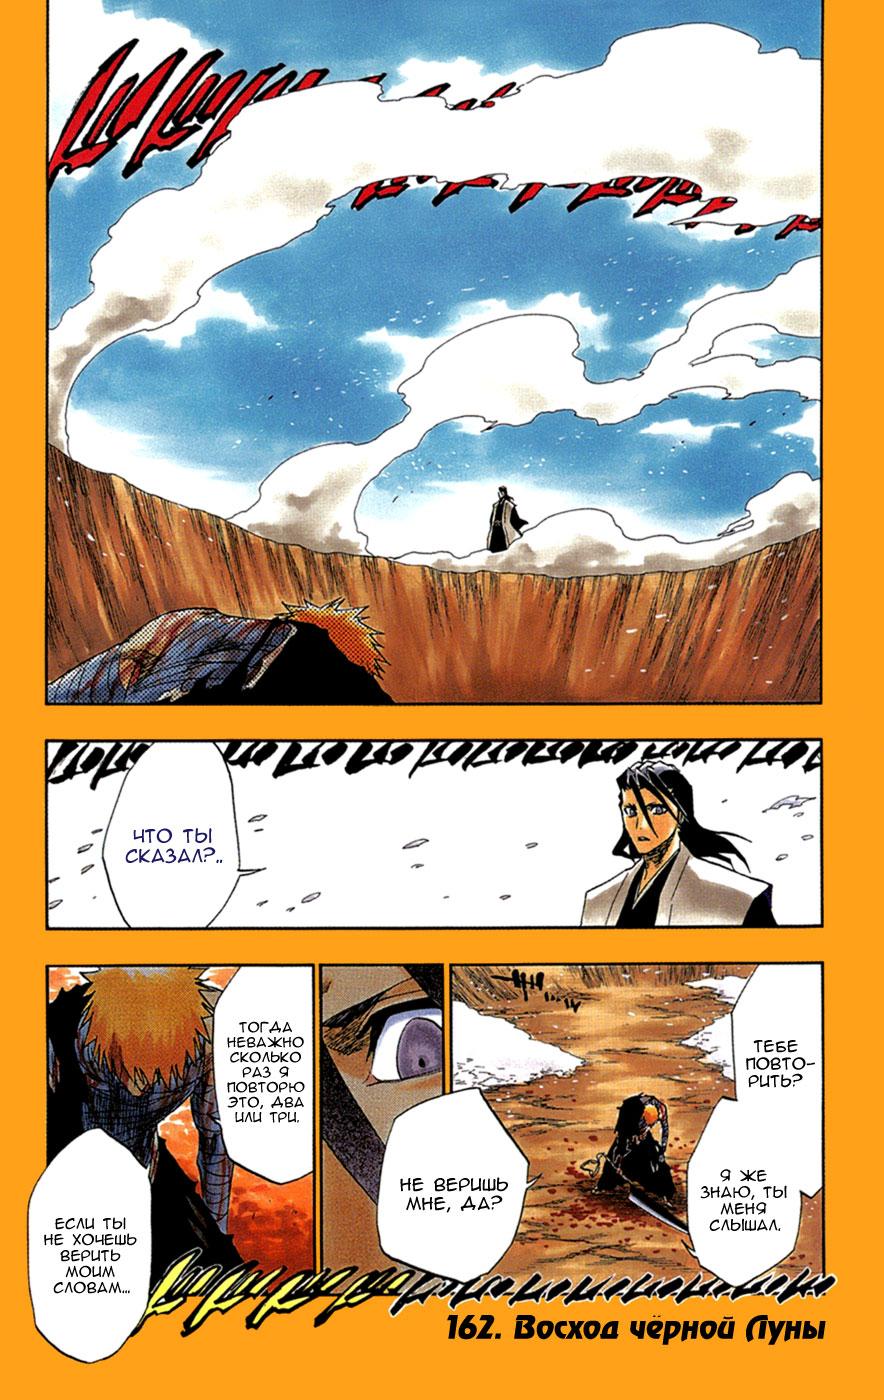 Манга Bleach / Блич Манга Bleach Глава # 162 - Восход черной Луны, страница 1